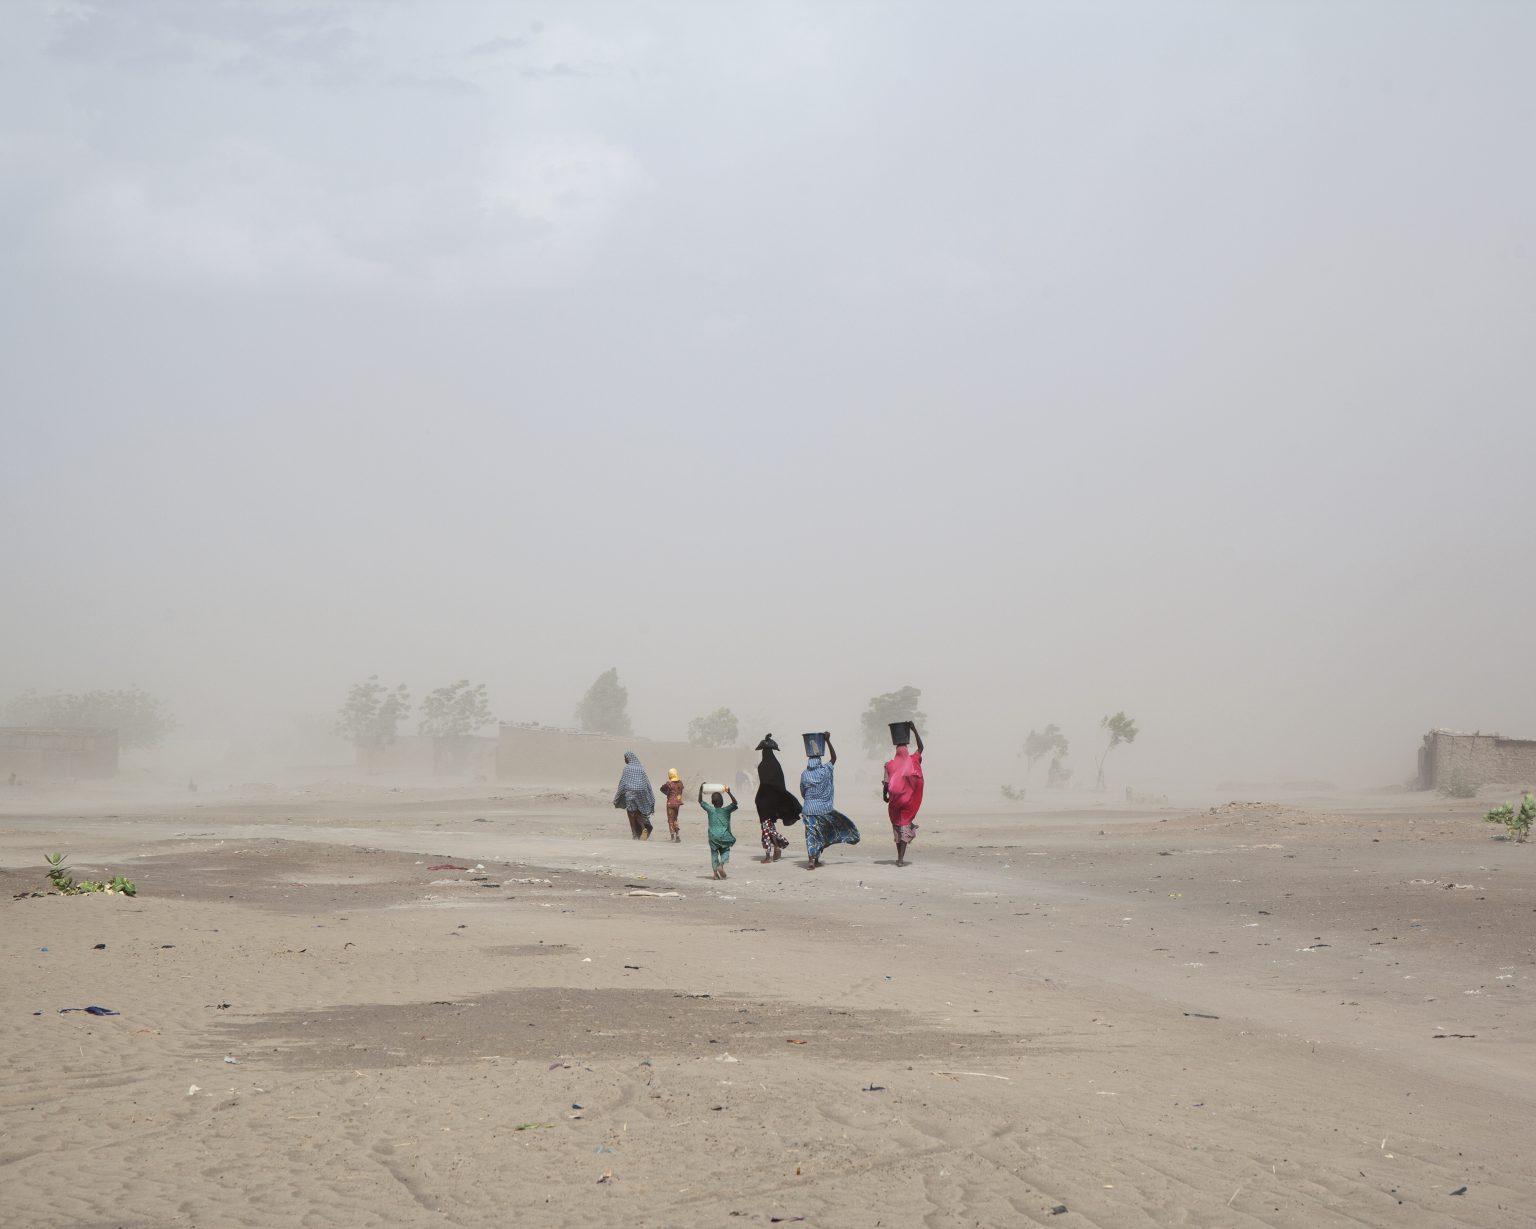 Borno State (Nigeria). Women and their children walk in the middle of a sandstorm on the edge of Gamboru Ngala. The town, near the border with Cameroon, in the past suffered a long siege by the Boko Haram militia. >< Stato di Borno (Nigeria). Alcune donne camminano con i loro bambini in mezzo a una tempesta di sabbia ai confini di Gamboru Ngala. La città, a ridosso del confine con il Camerun, in passato ha subìto un lungo assedio da parte dei miliziani di Boko Haram.